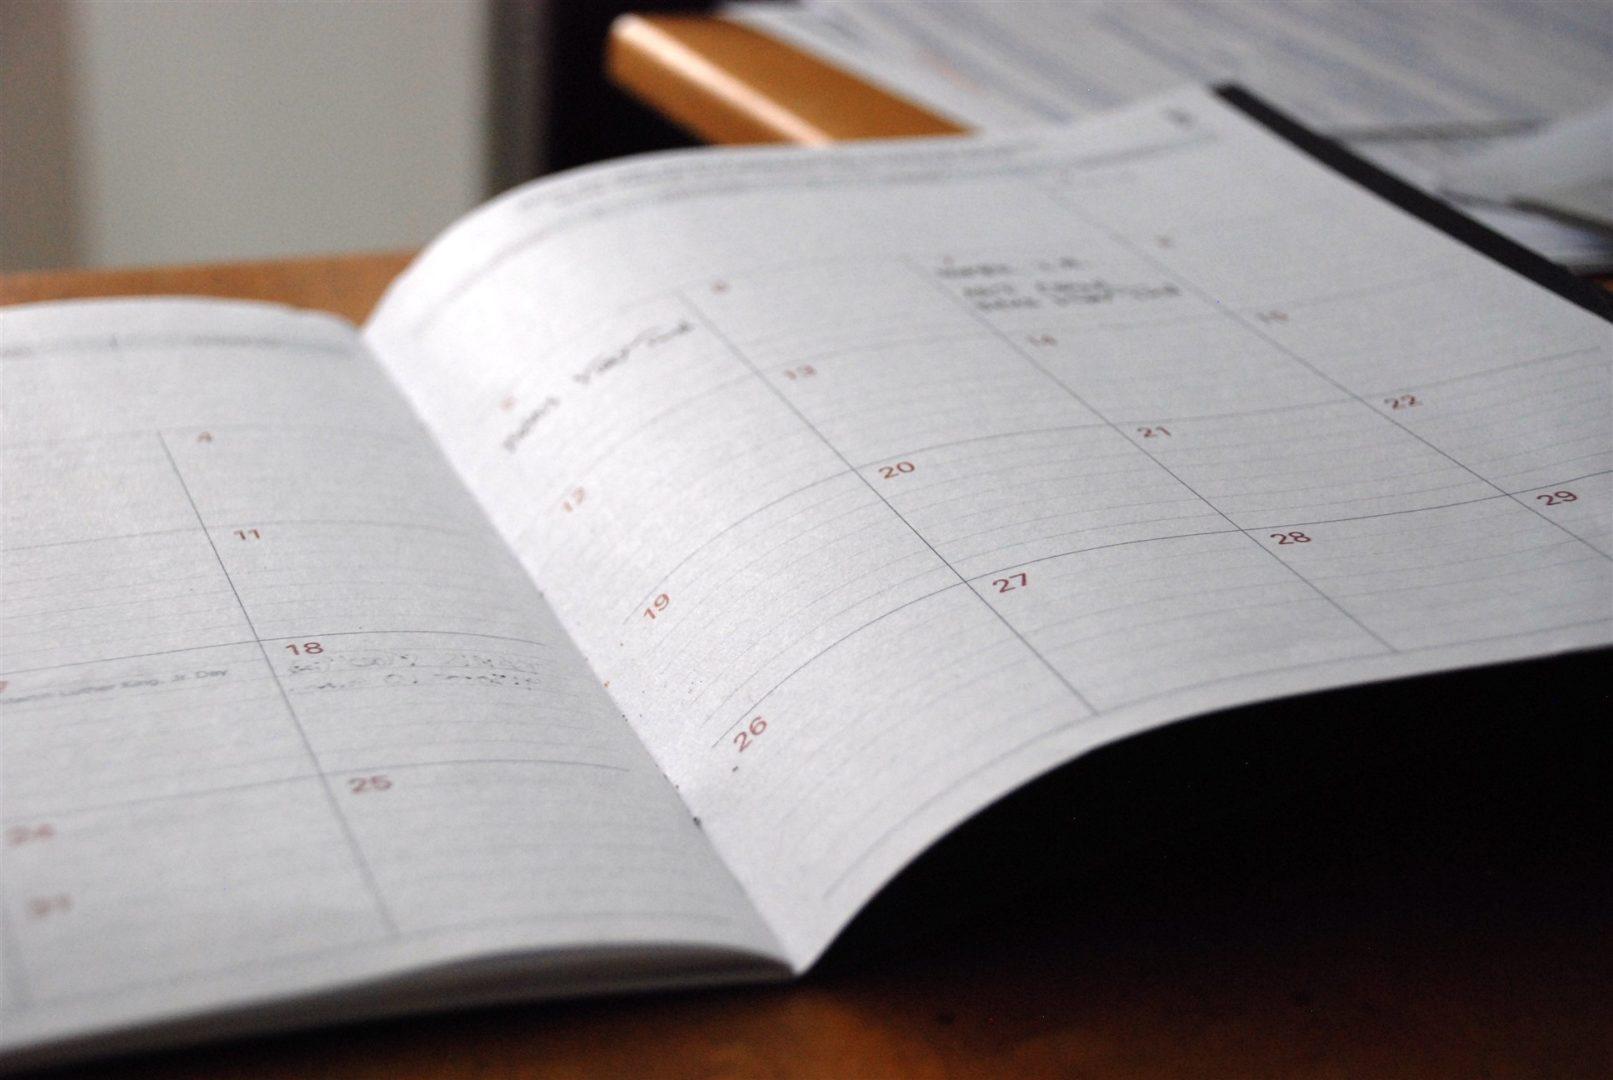 Przedsiębiorco społeczny – pamiętaj o terminach!